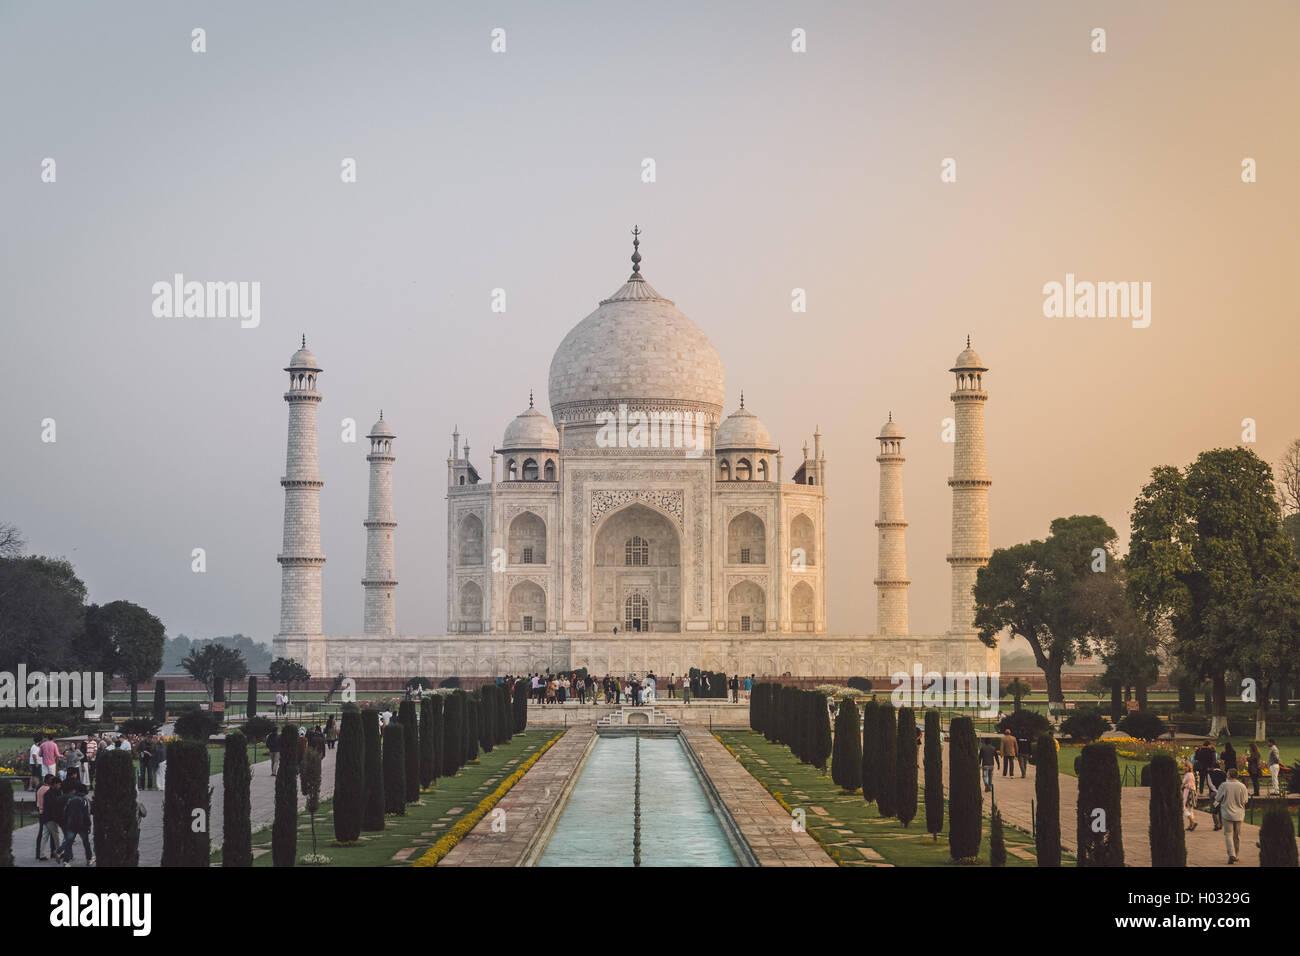 AGRA, India - 28 de febrero de 2015: Vista del Taj Mahal, en frente de la gran puerta. Lado Sur. Post-procesado Imagen De Stock